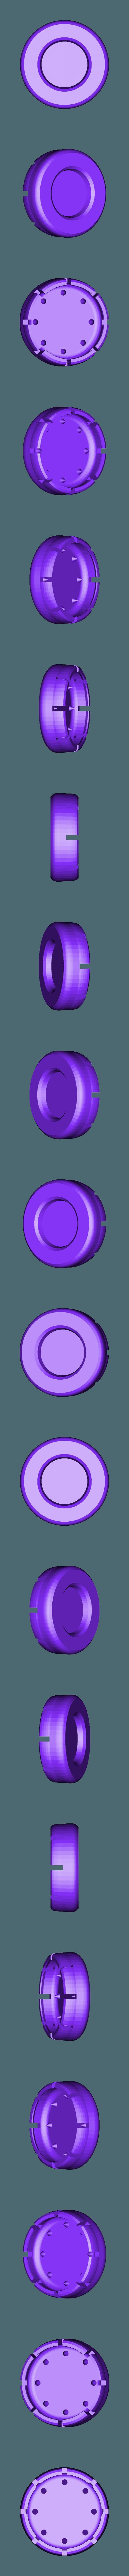 thumbcaps_low.stl Télécharger fichier STL gratuit PS4 Prolongateur de capsule concave • Objet imprimable en 3D, daandruff